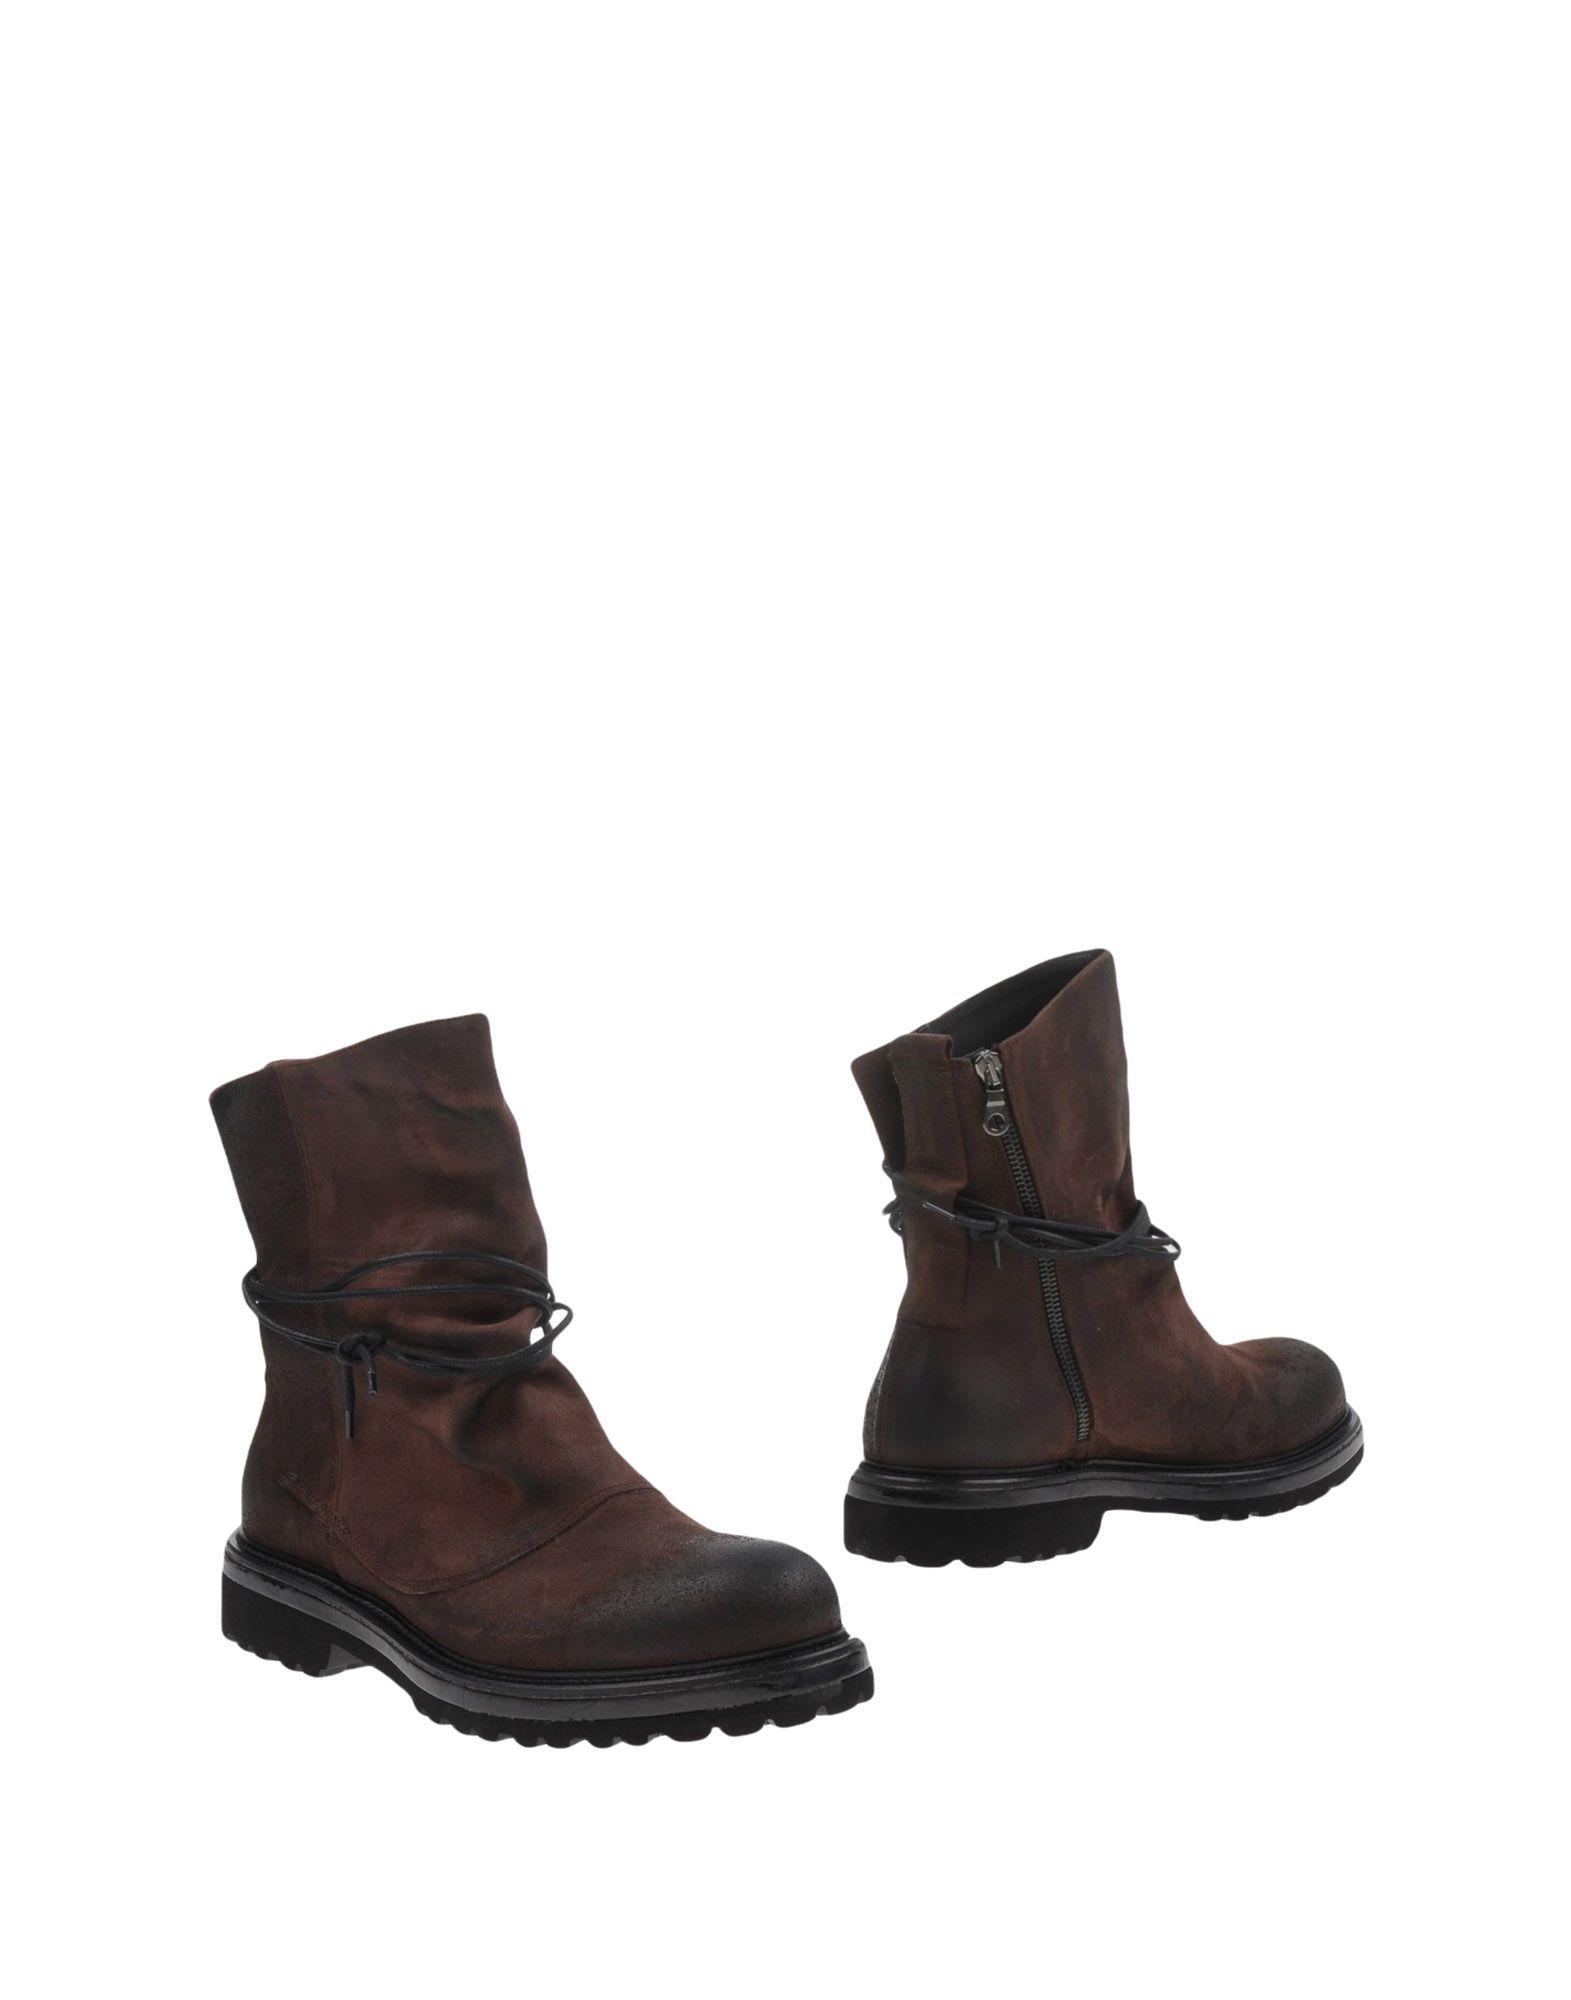 MARCEL MARTILLO Полусапоги и высокие ботинки marcel martillo низкие кеды и кроссовки